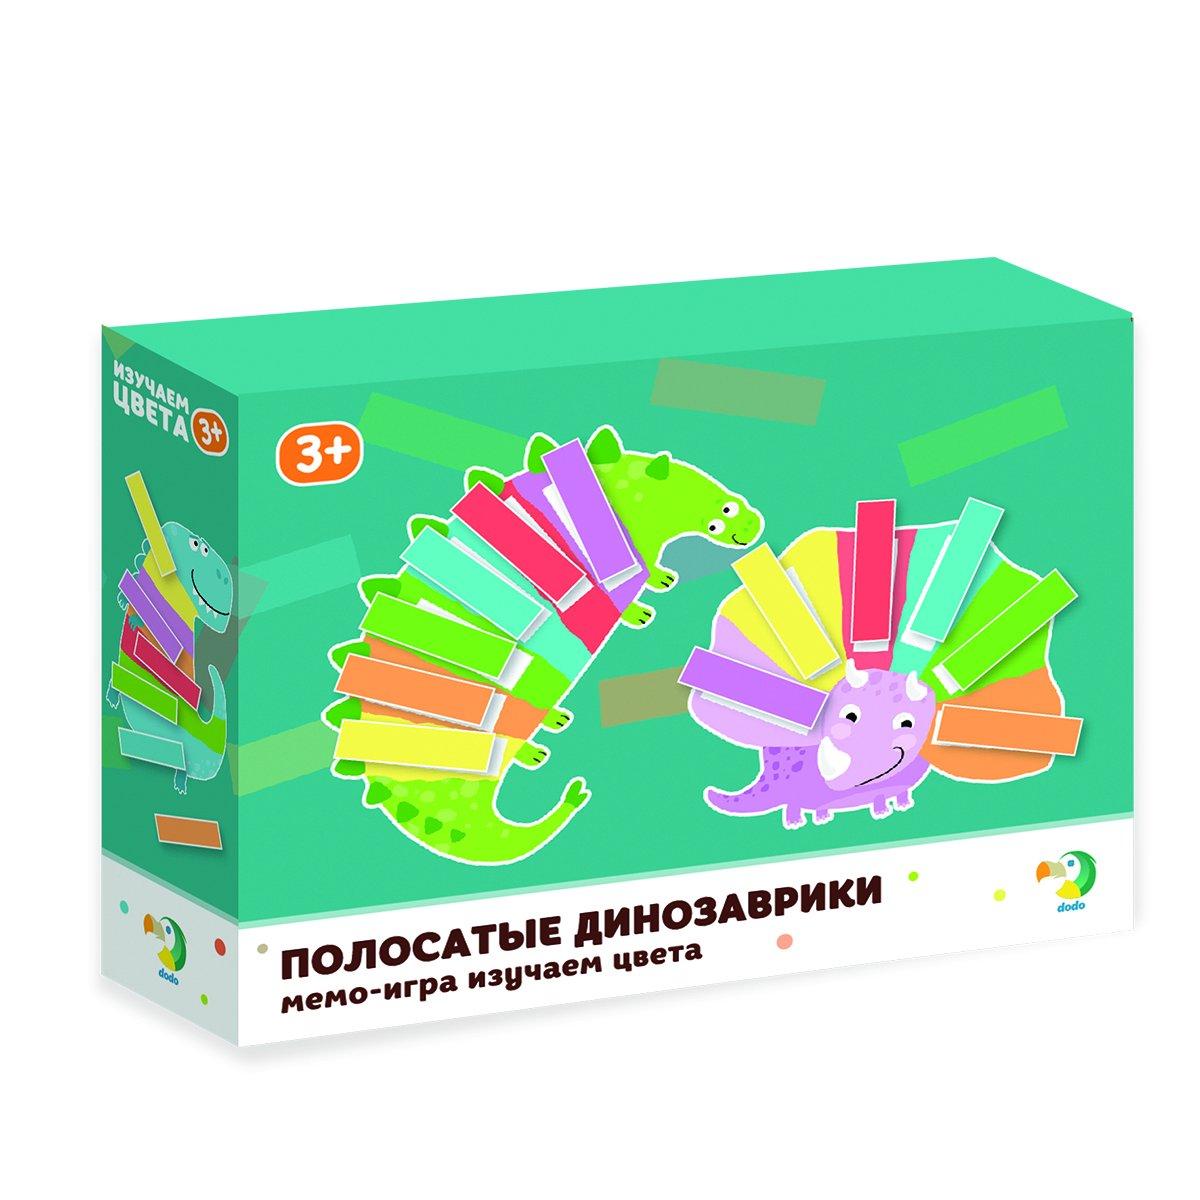 Купить DODO Мемо-игра DoDo Изучаем цвета. Полосатые динозаврики [R300138], Настольные игры